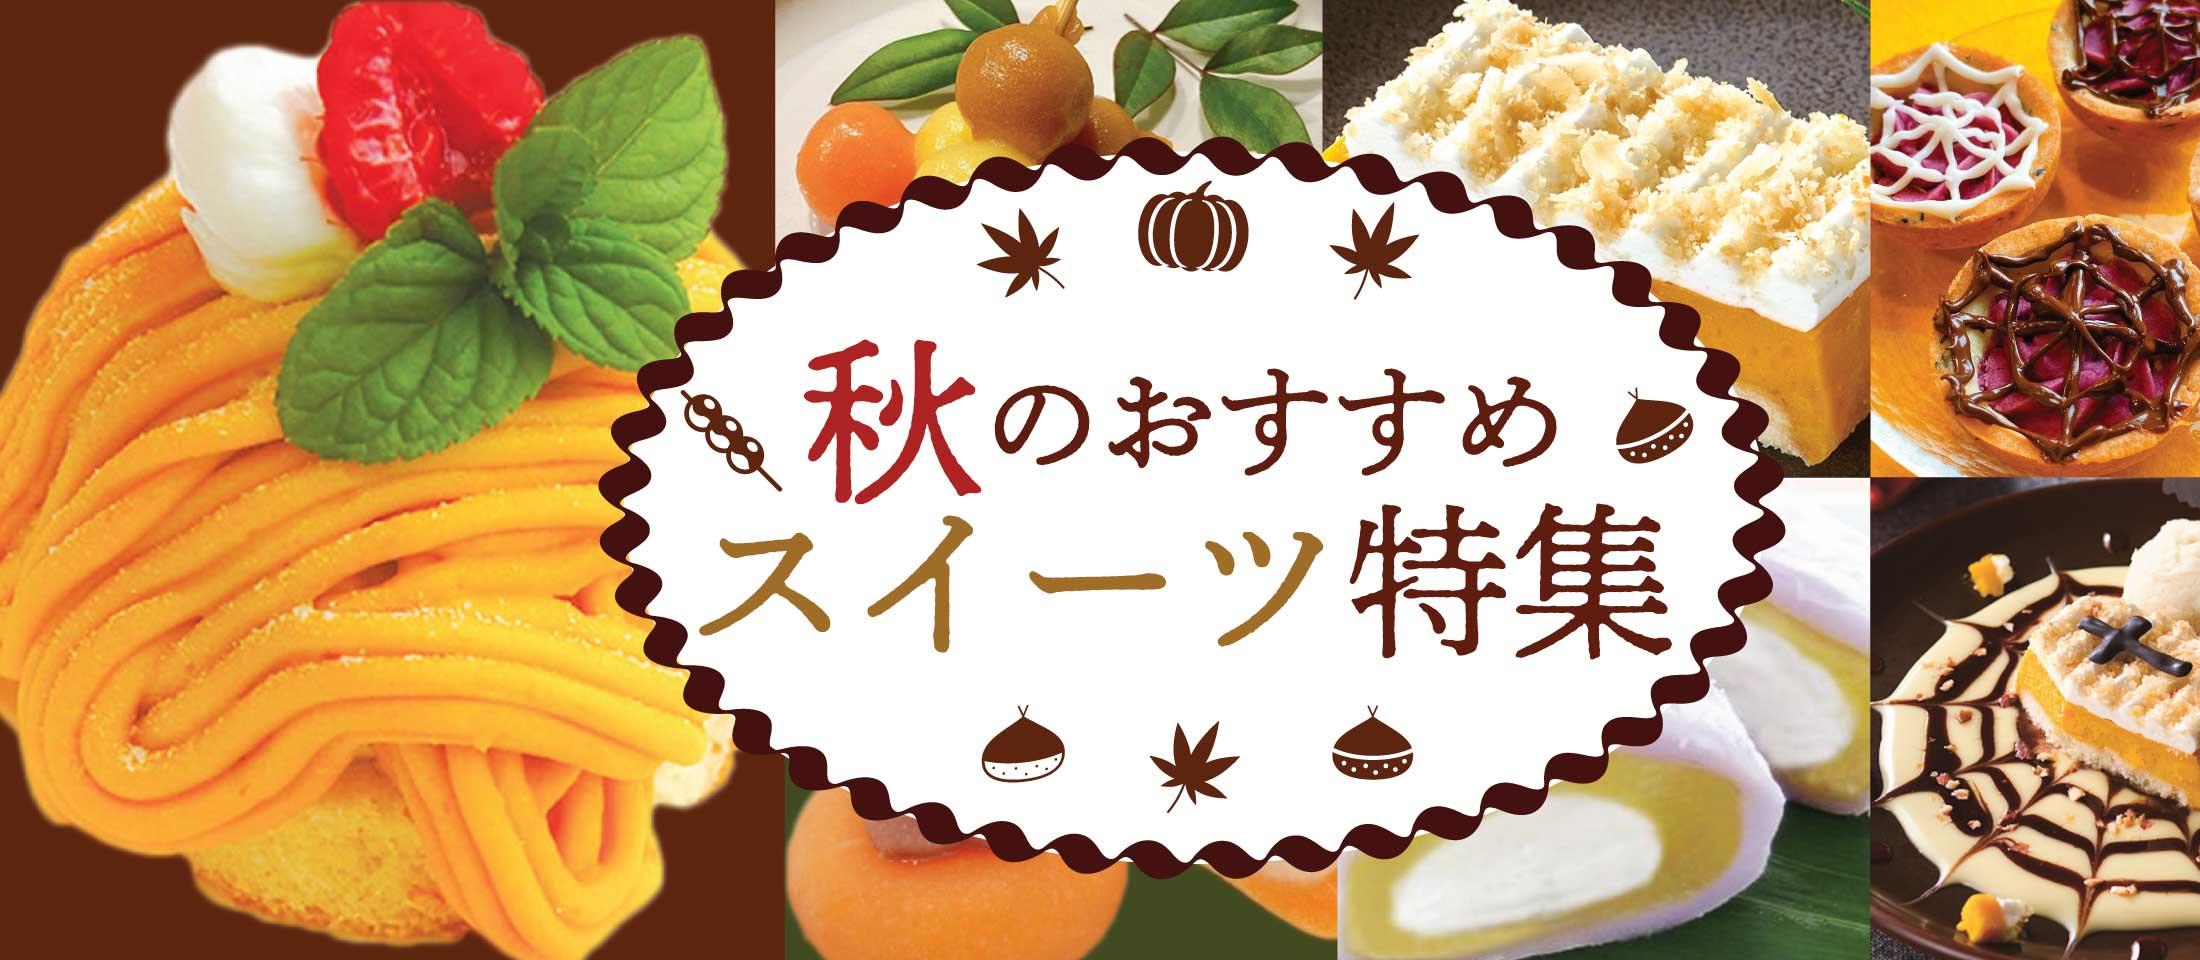 秋のおススメスイーツ特集 業務用食品・冷凍食品おすすめ 業務用食品・冷凍食品の通販 |ナカヤマフーズ